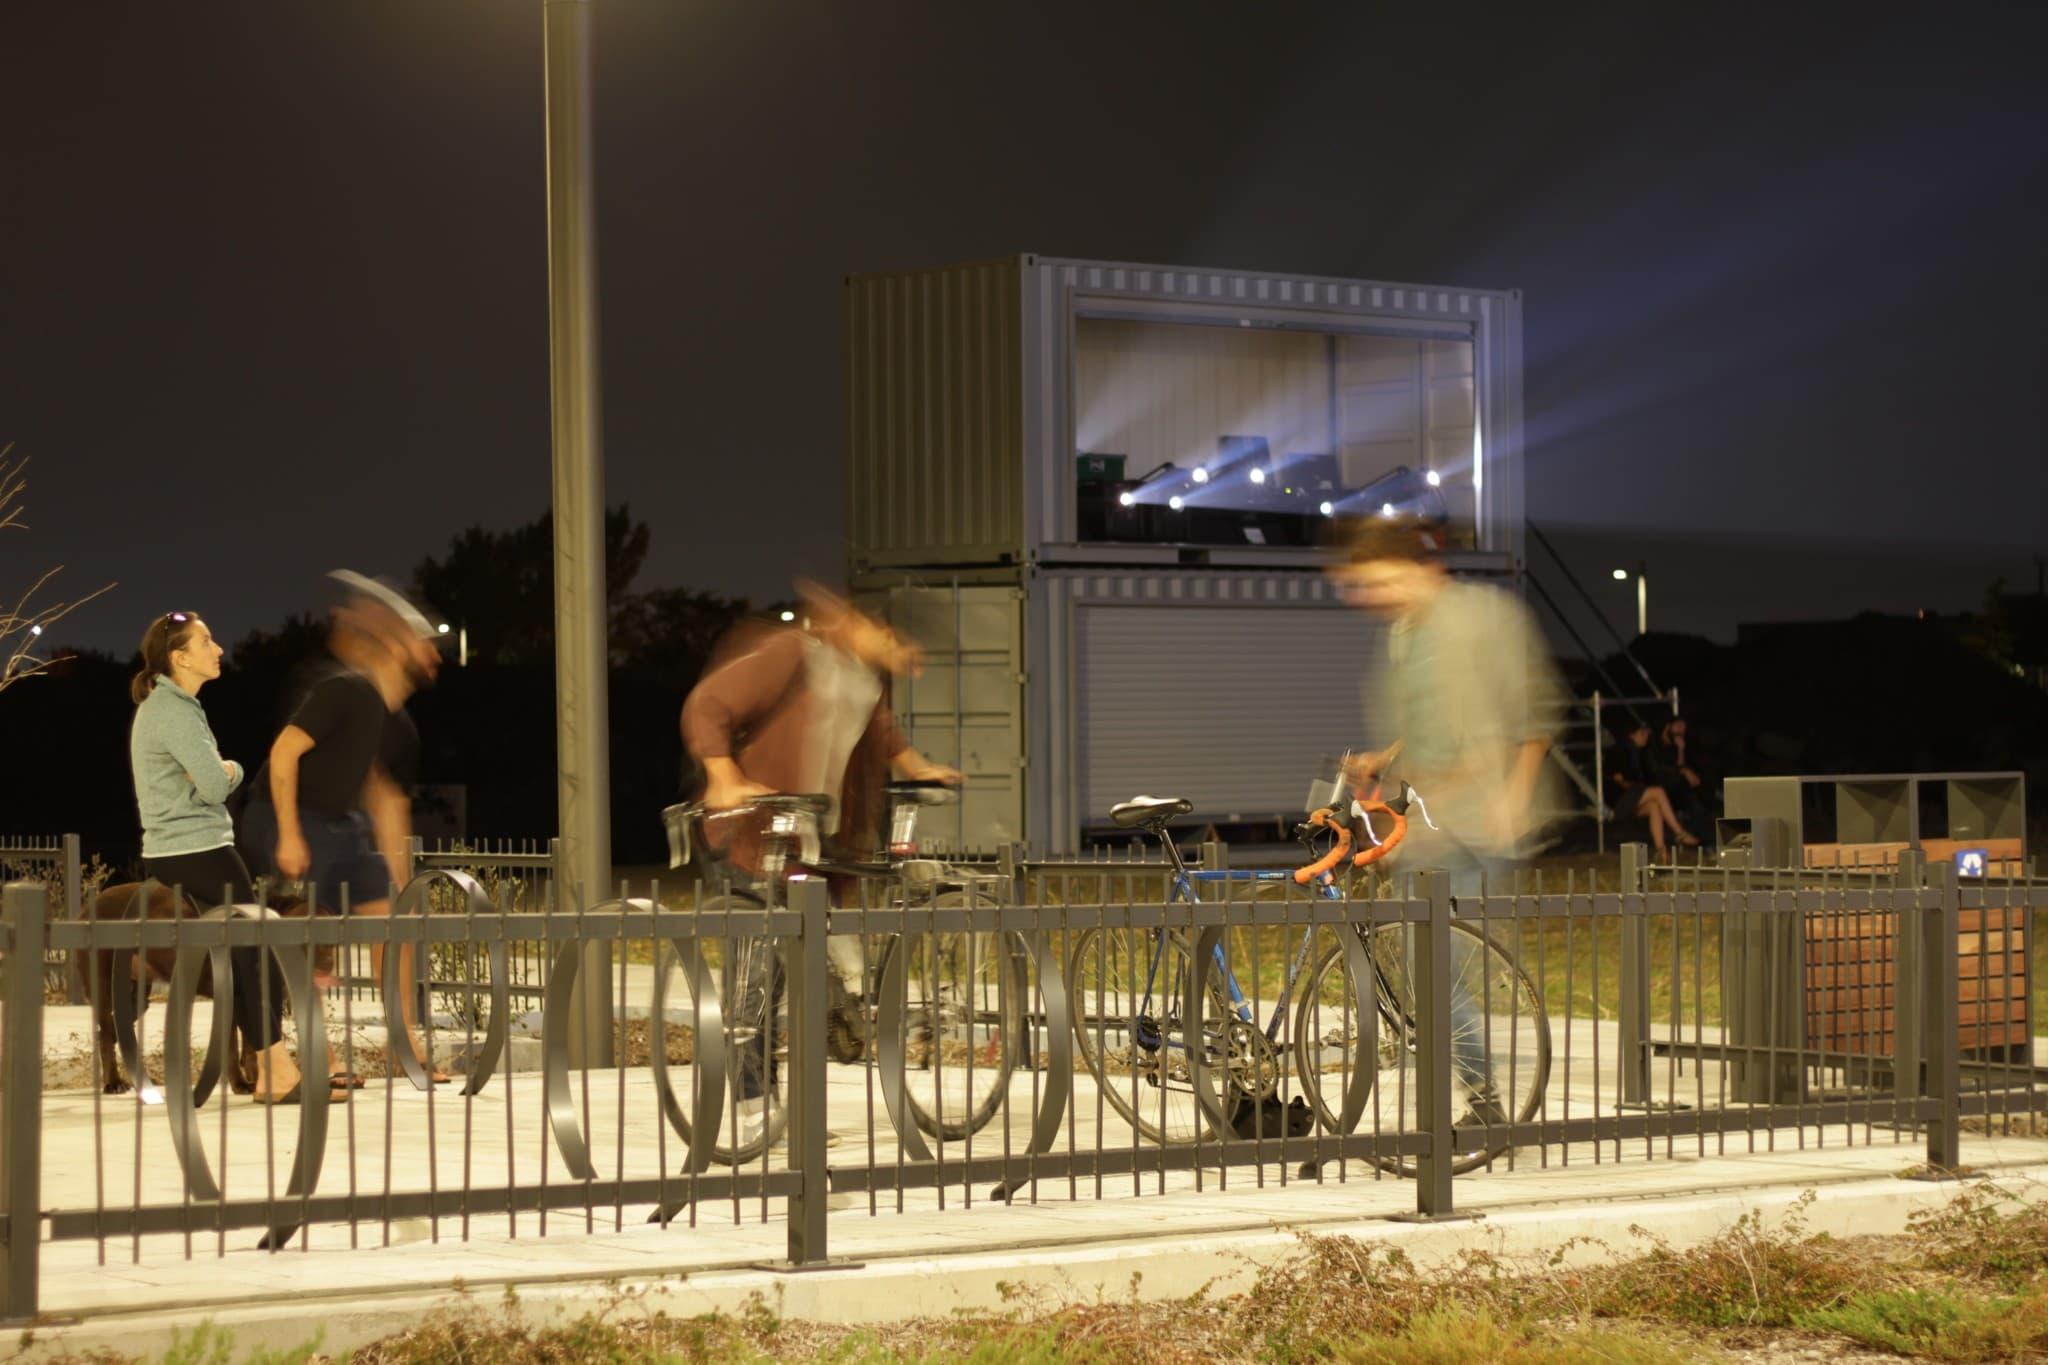 Des spectateurs s'apprêtent à quitter le site après avoir observé les vidéos étudiantes, projetées en boucle sur le mur extérieur de l'édifice voisin. Crédit : L-P. Pontbriand